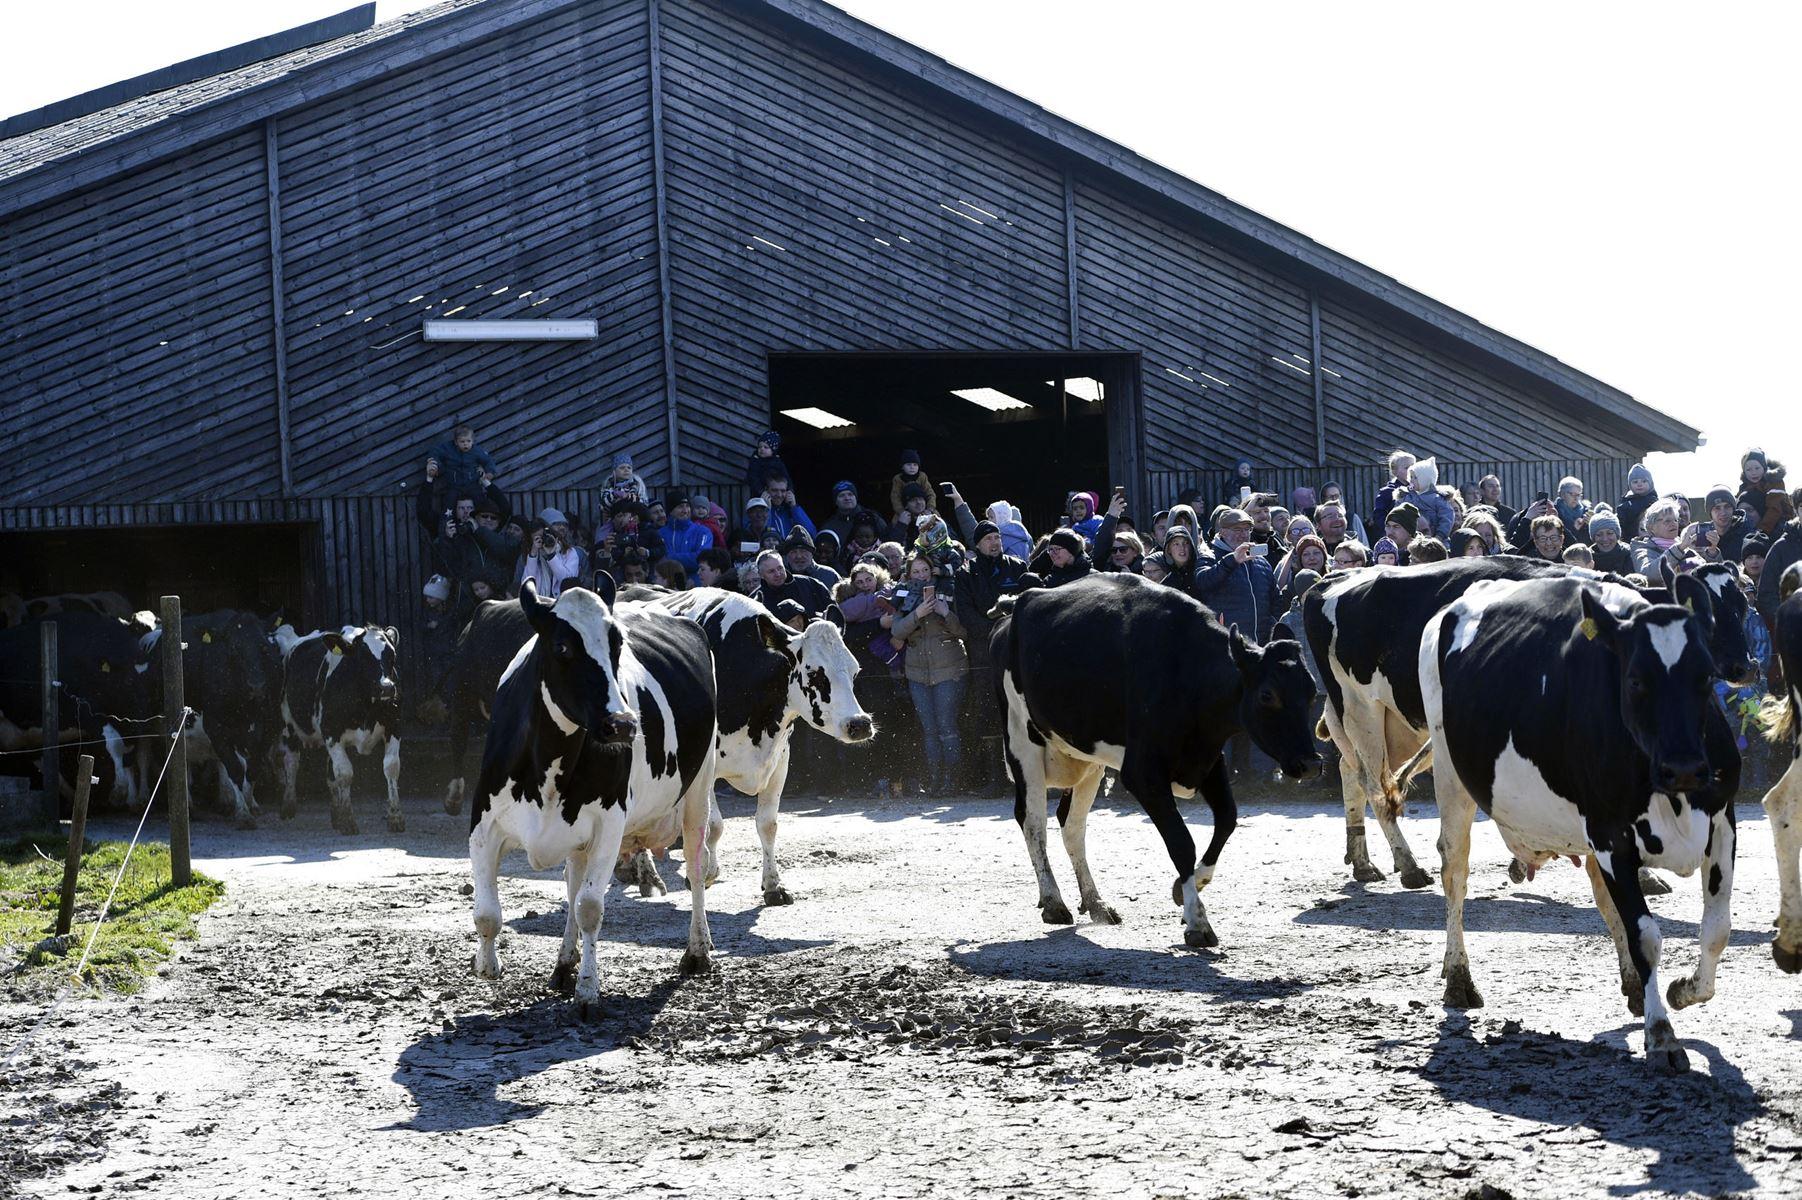 De økologiske køer skaber en feststemning, når de sendes på græs, mener formand for Økologisk Landsforening.